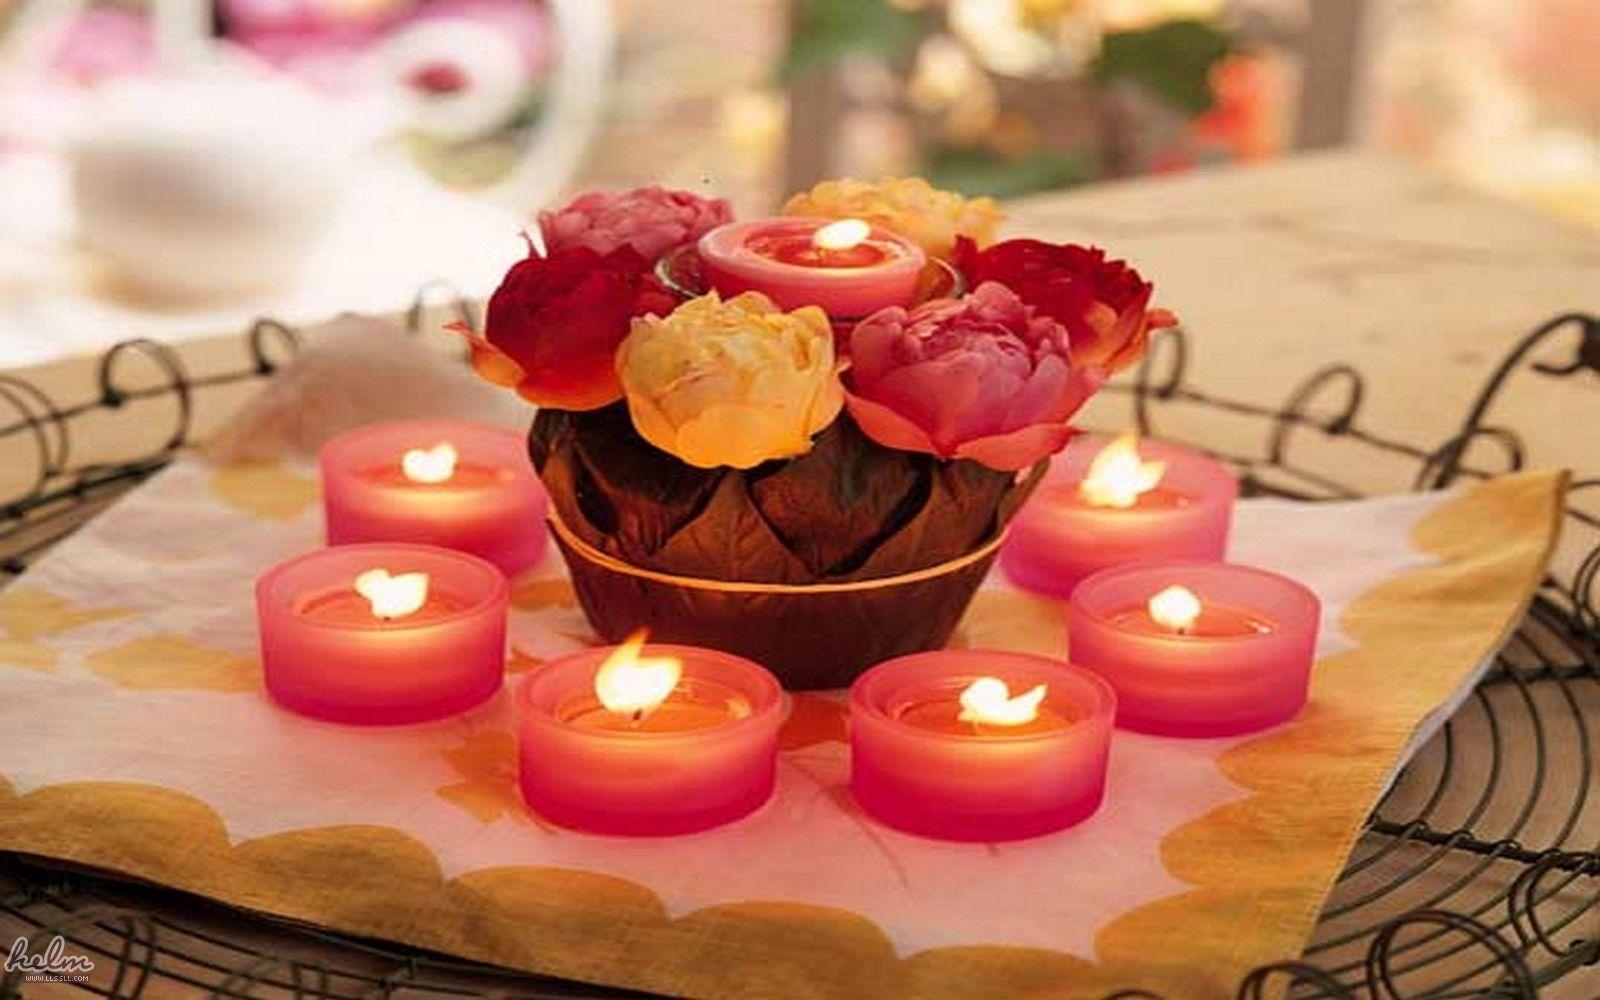 اجمل خلفيات رومانسيه شموع 2016 خلفيات شموع Cheap Wedding Decorations Wedding Floral Centerpieces Inexpensive Wedding Centerpieces